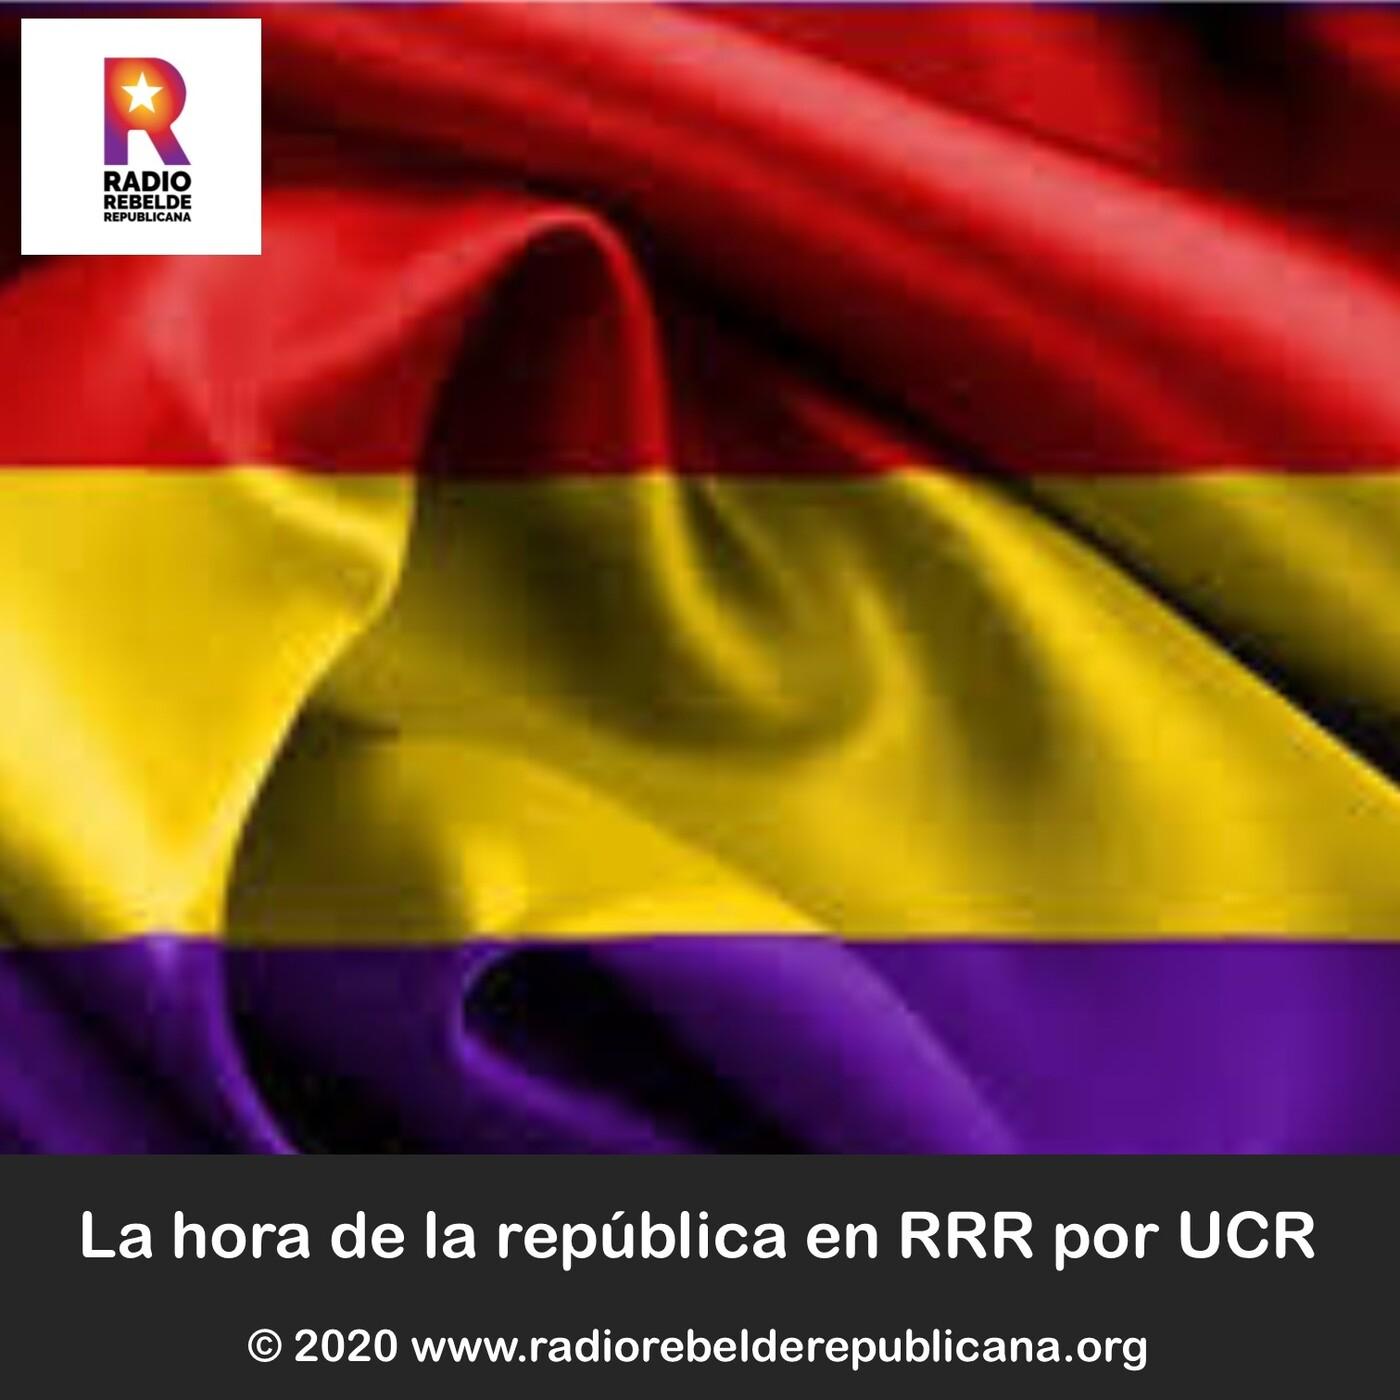 La hora de la república por UCR en RRR 06.10.2020